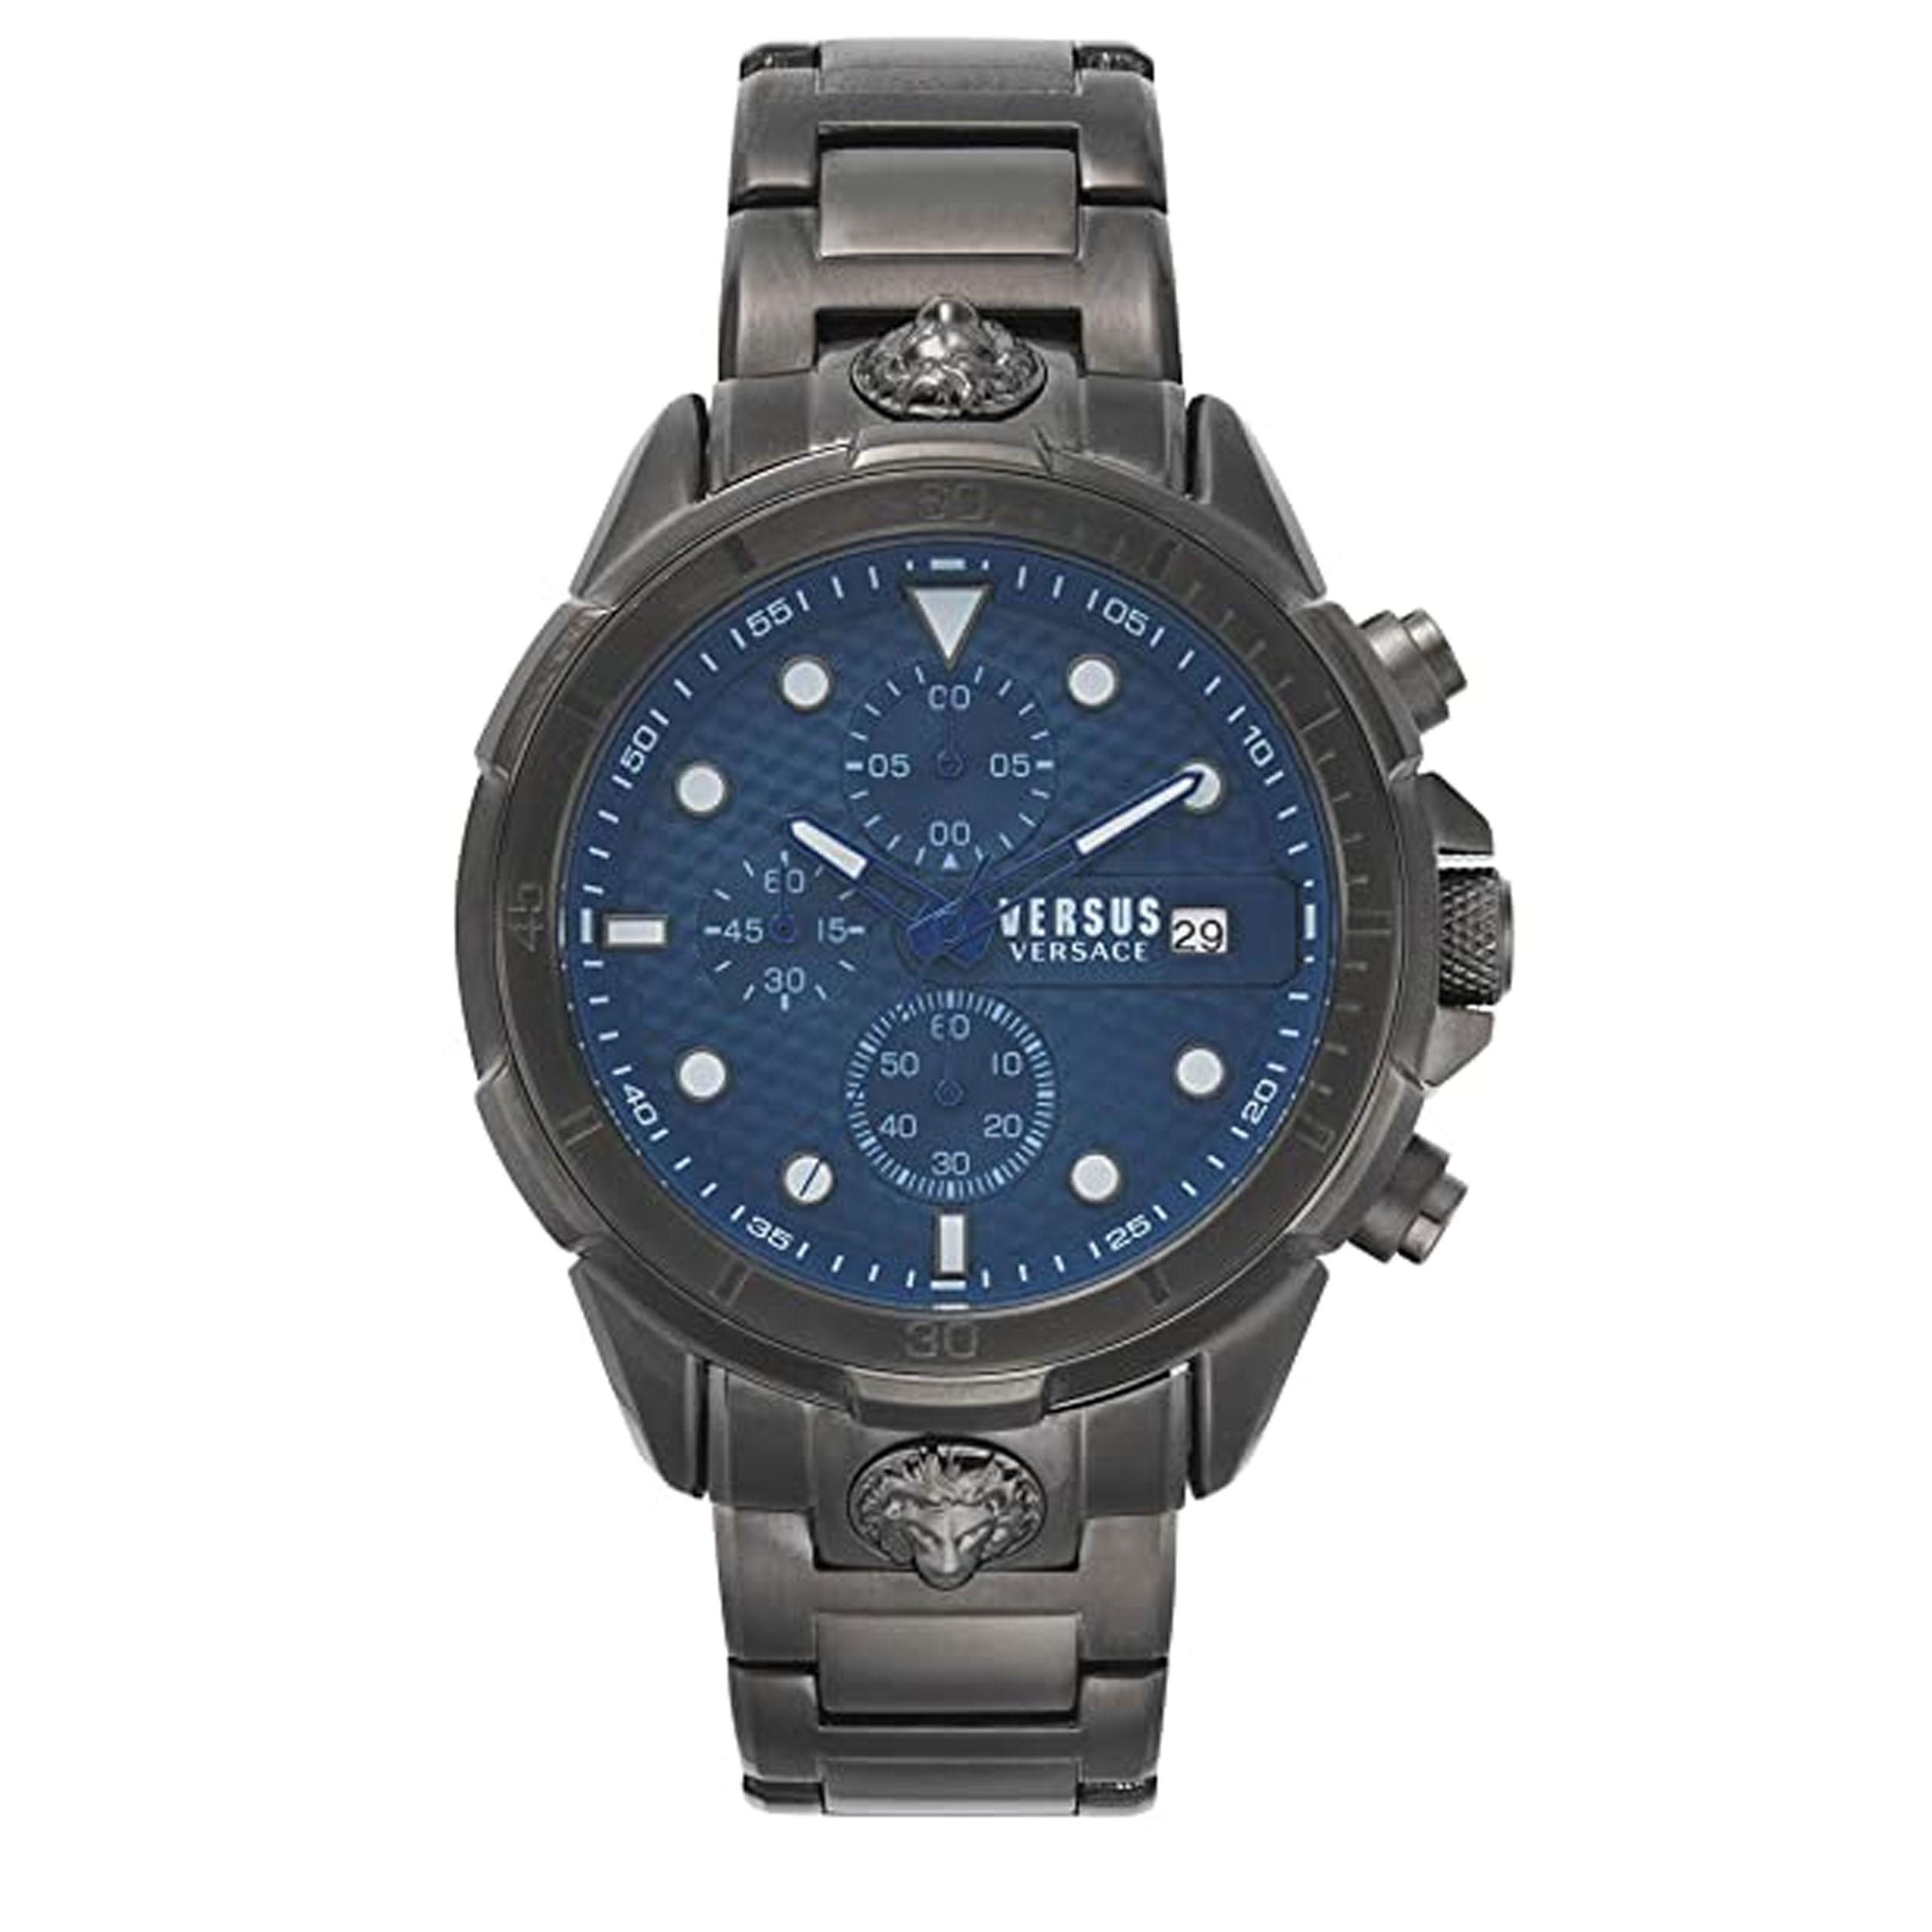 ساعت مچی عقربه ای مردانه ورسوس ورساچه مدل VSPLP0619